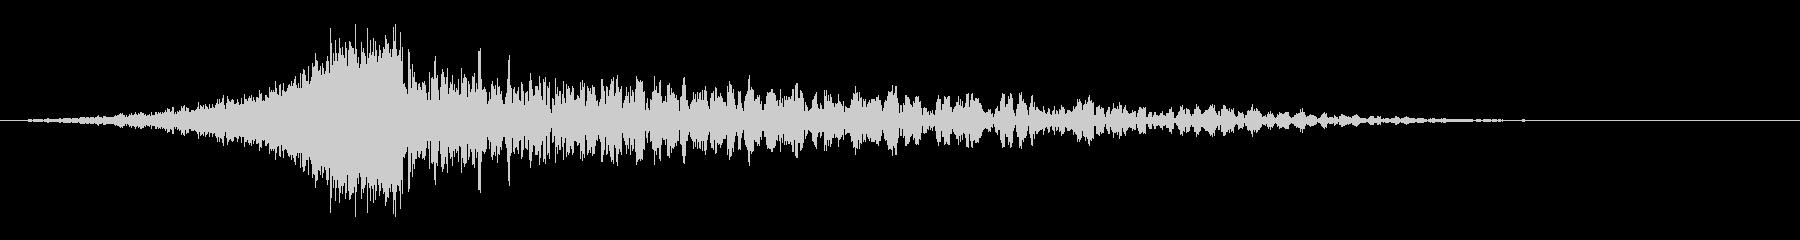 シューどん:迫力のある上昇してどんの音の未再生の波形